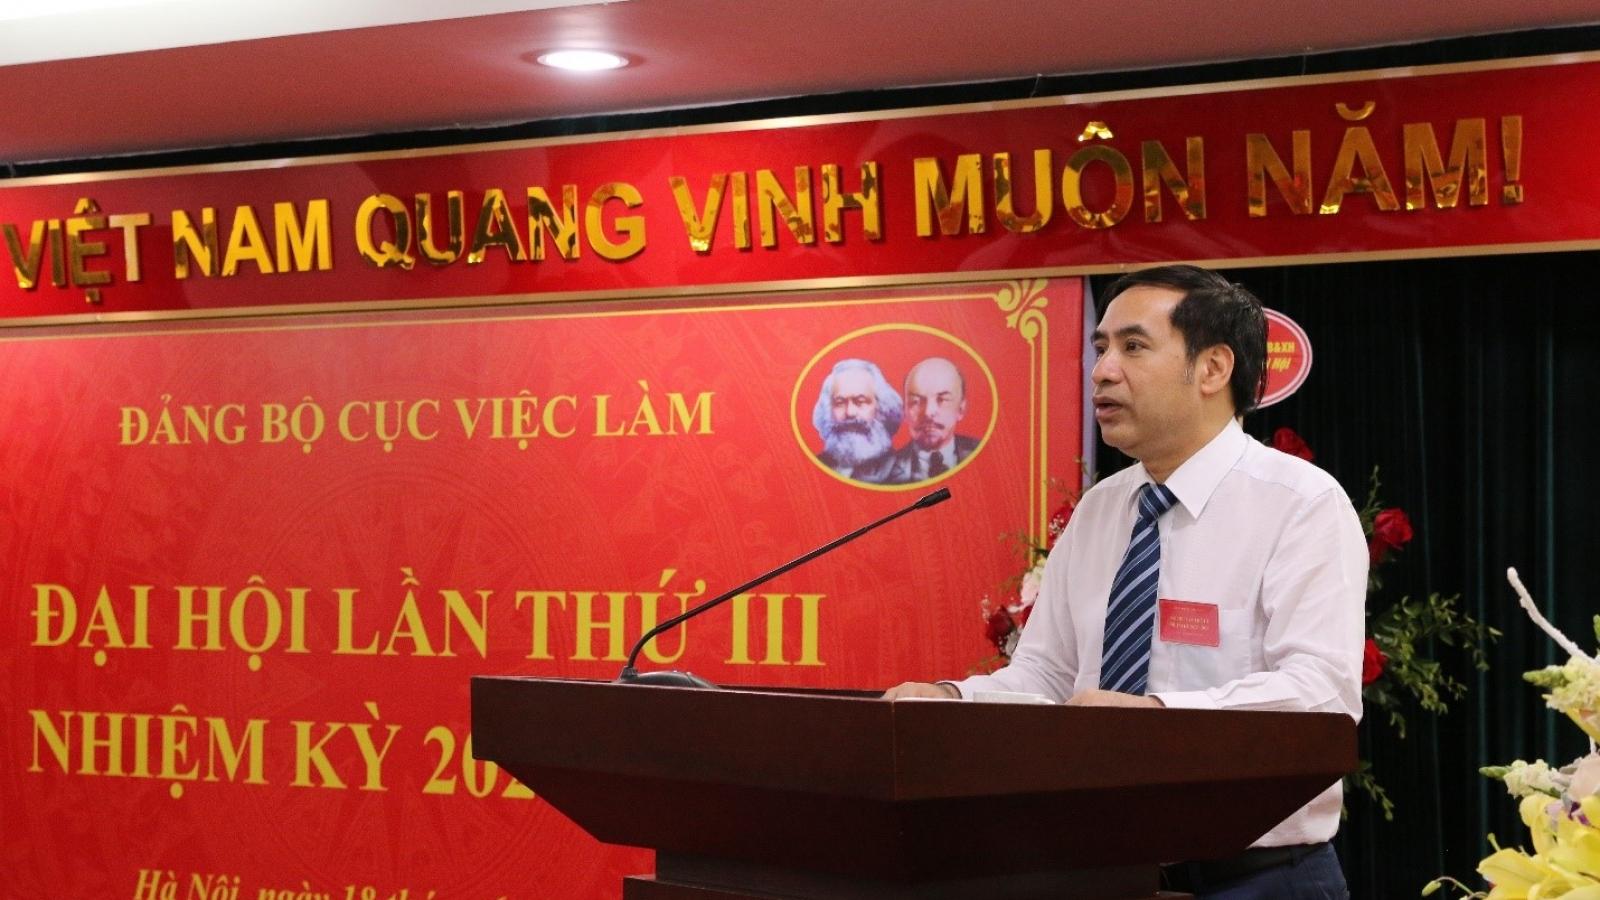 Cục Việc làm tổ chức Đại hội Đảng bộ lần thứ III, nhiệm kỳ 2020-2025